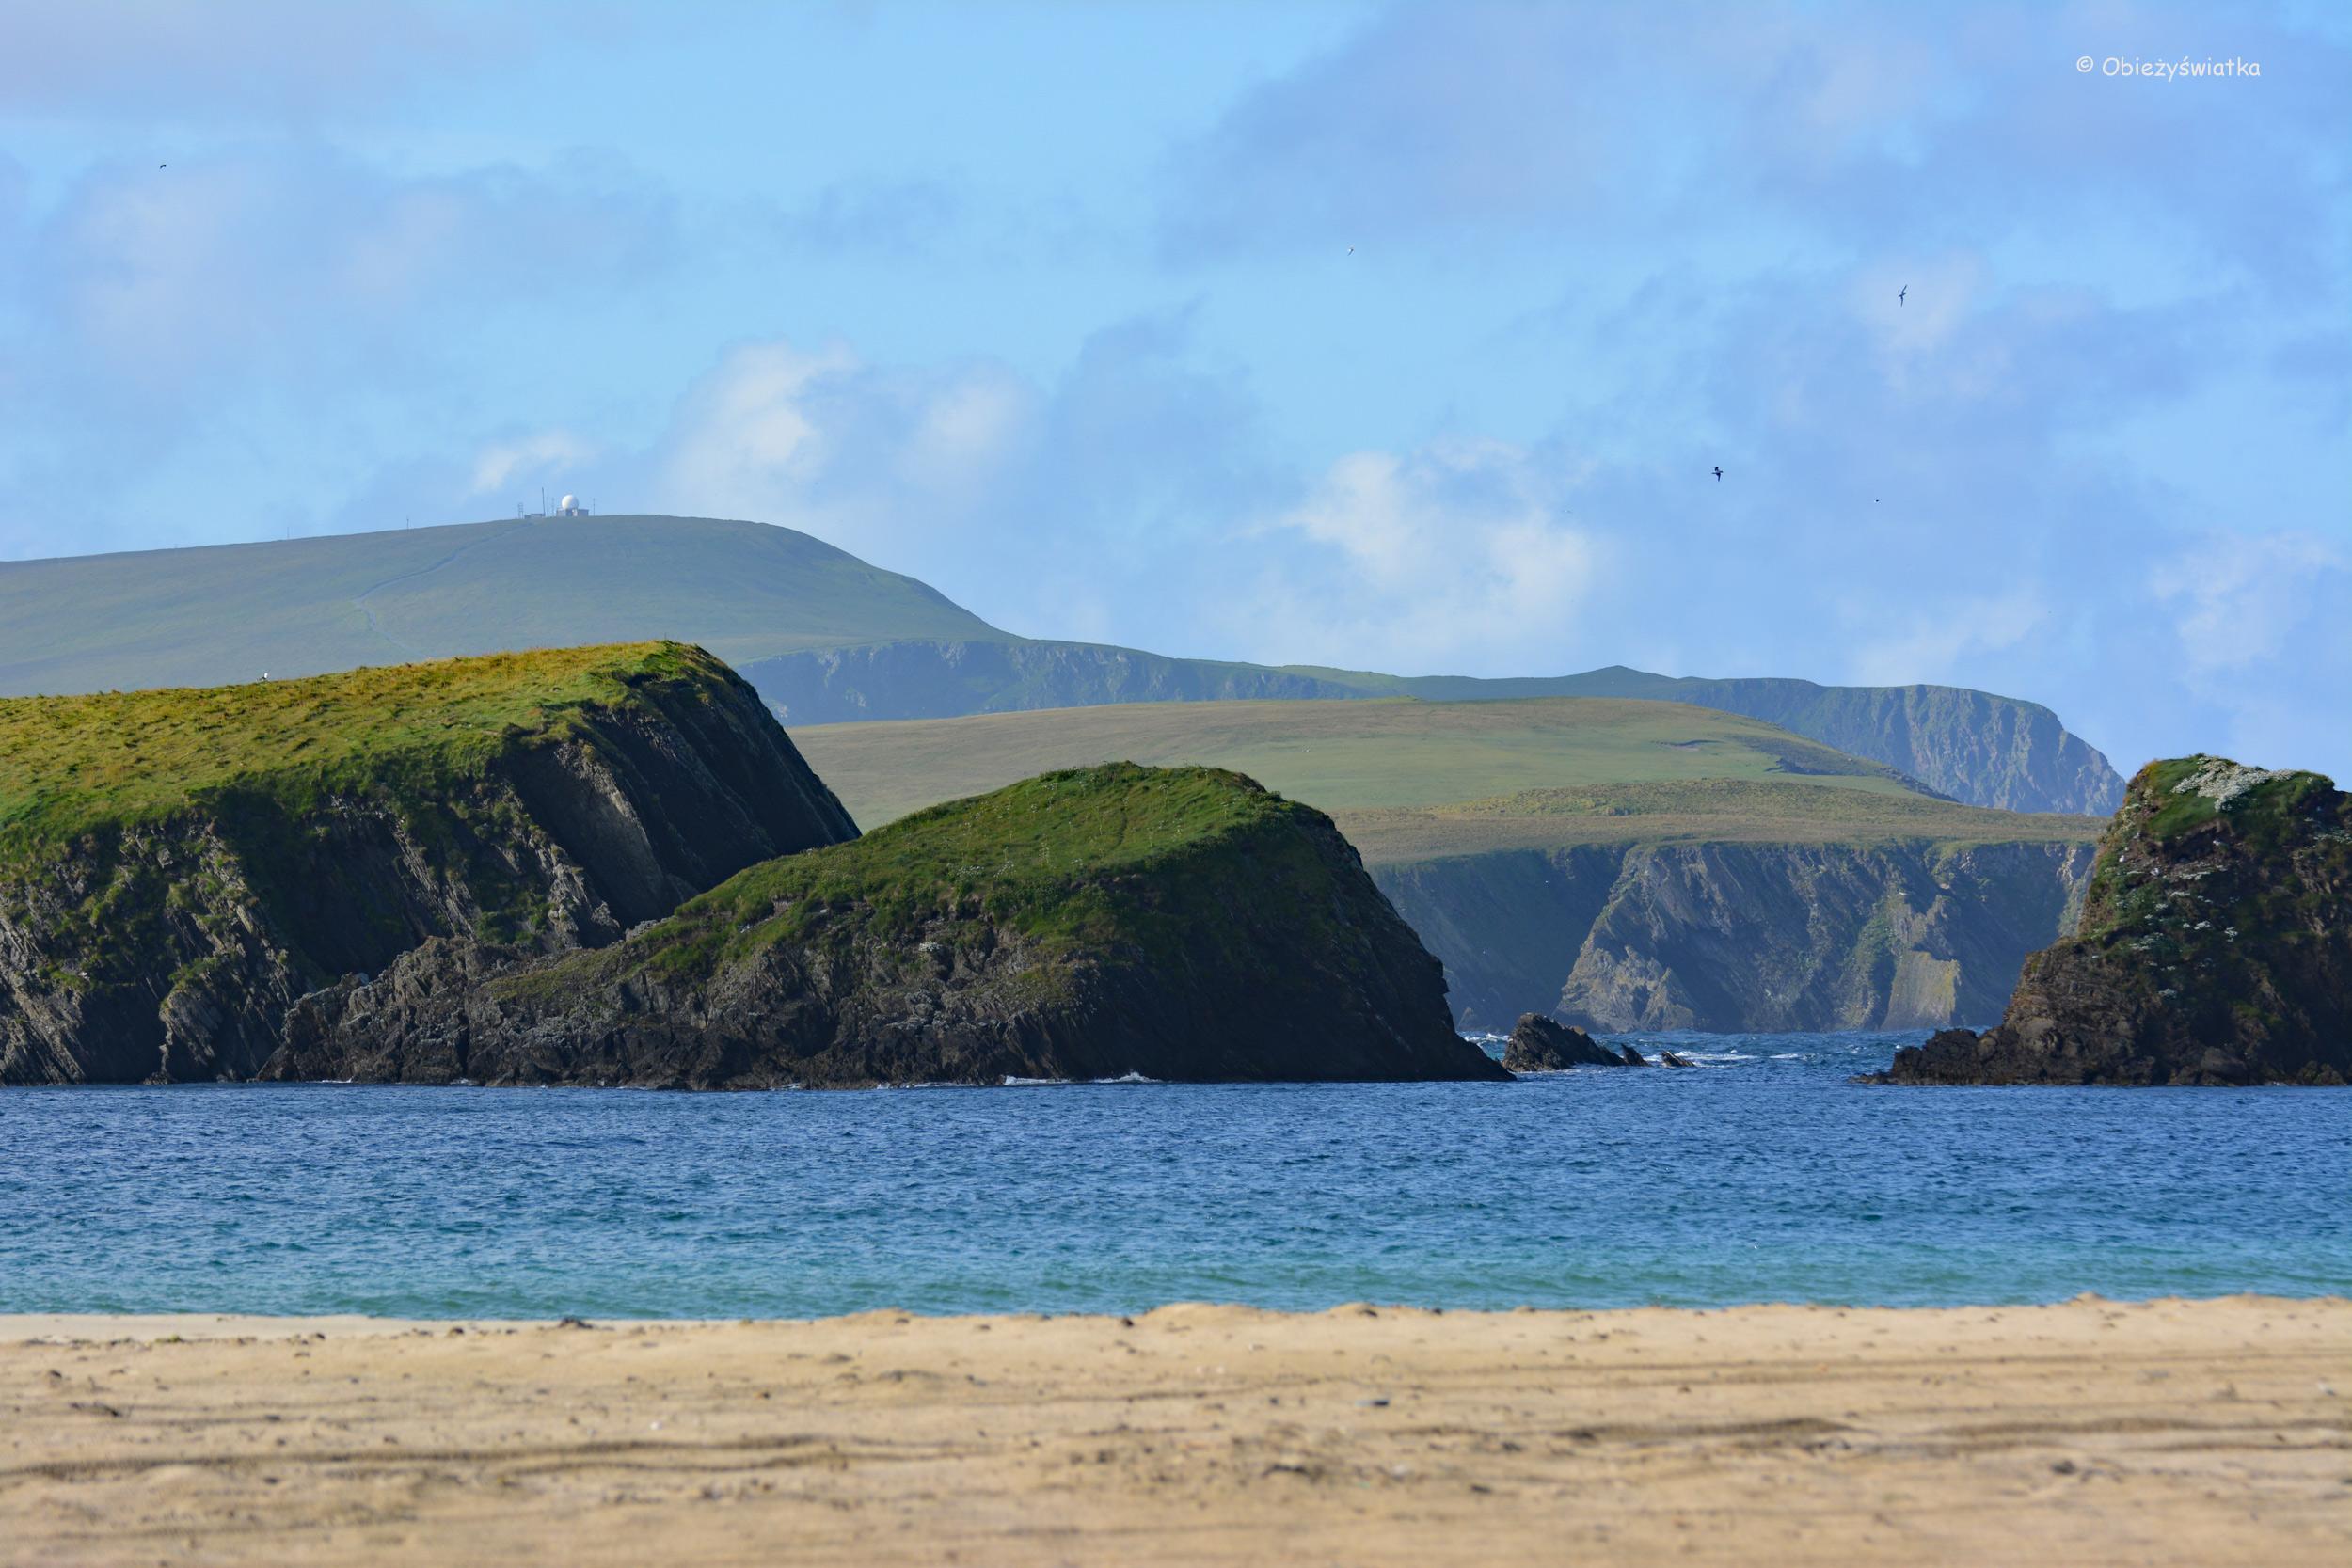 Tombolo i zielona wyspa św. Niniana, Szkocja, Wyspy Szetlandzkie